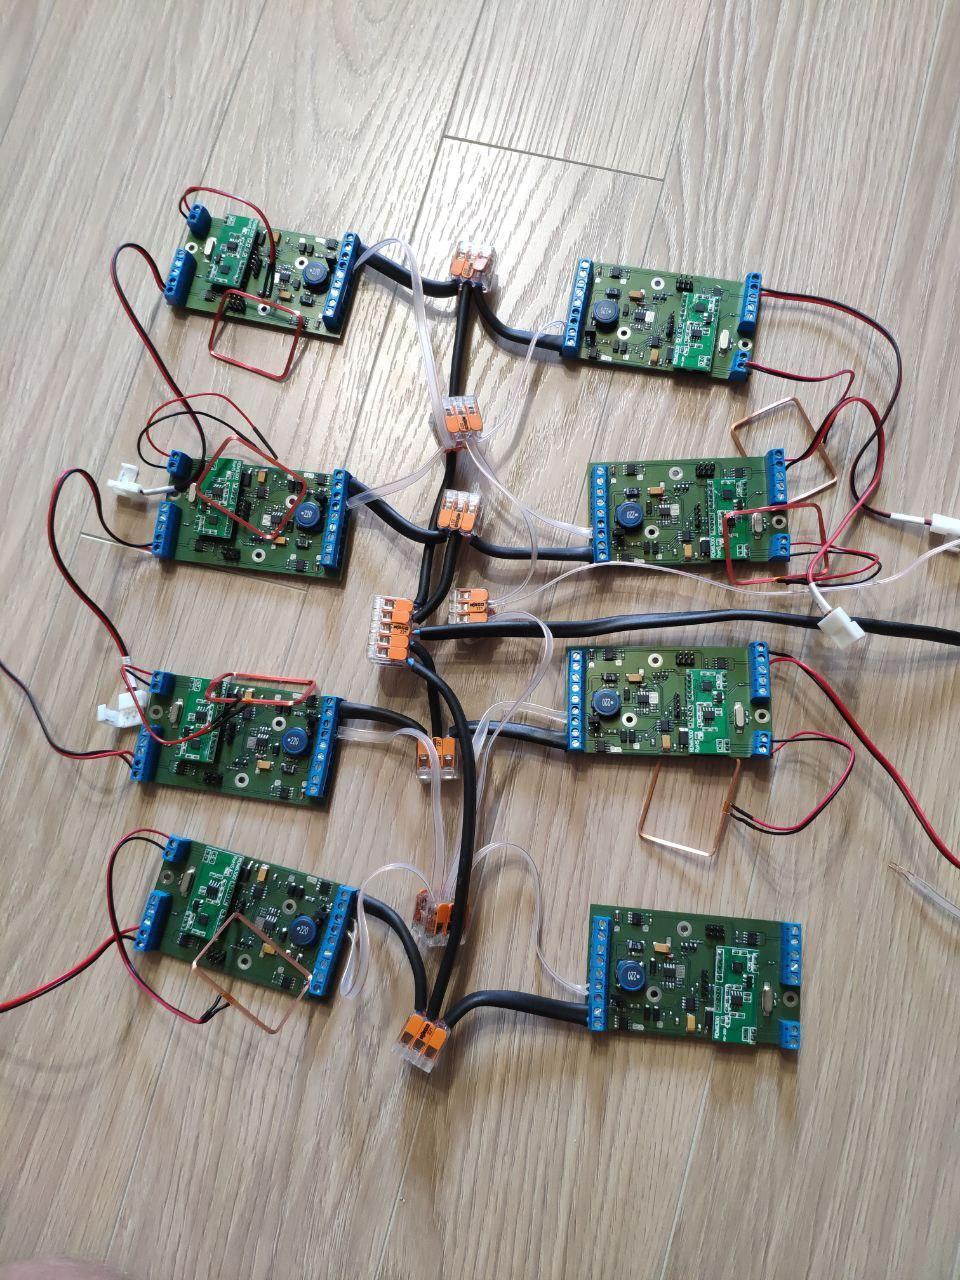 Умный стенд со смартфонами для тестировщиков — проект стартапа из акселератора Университета ИТМО - 10